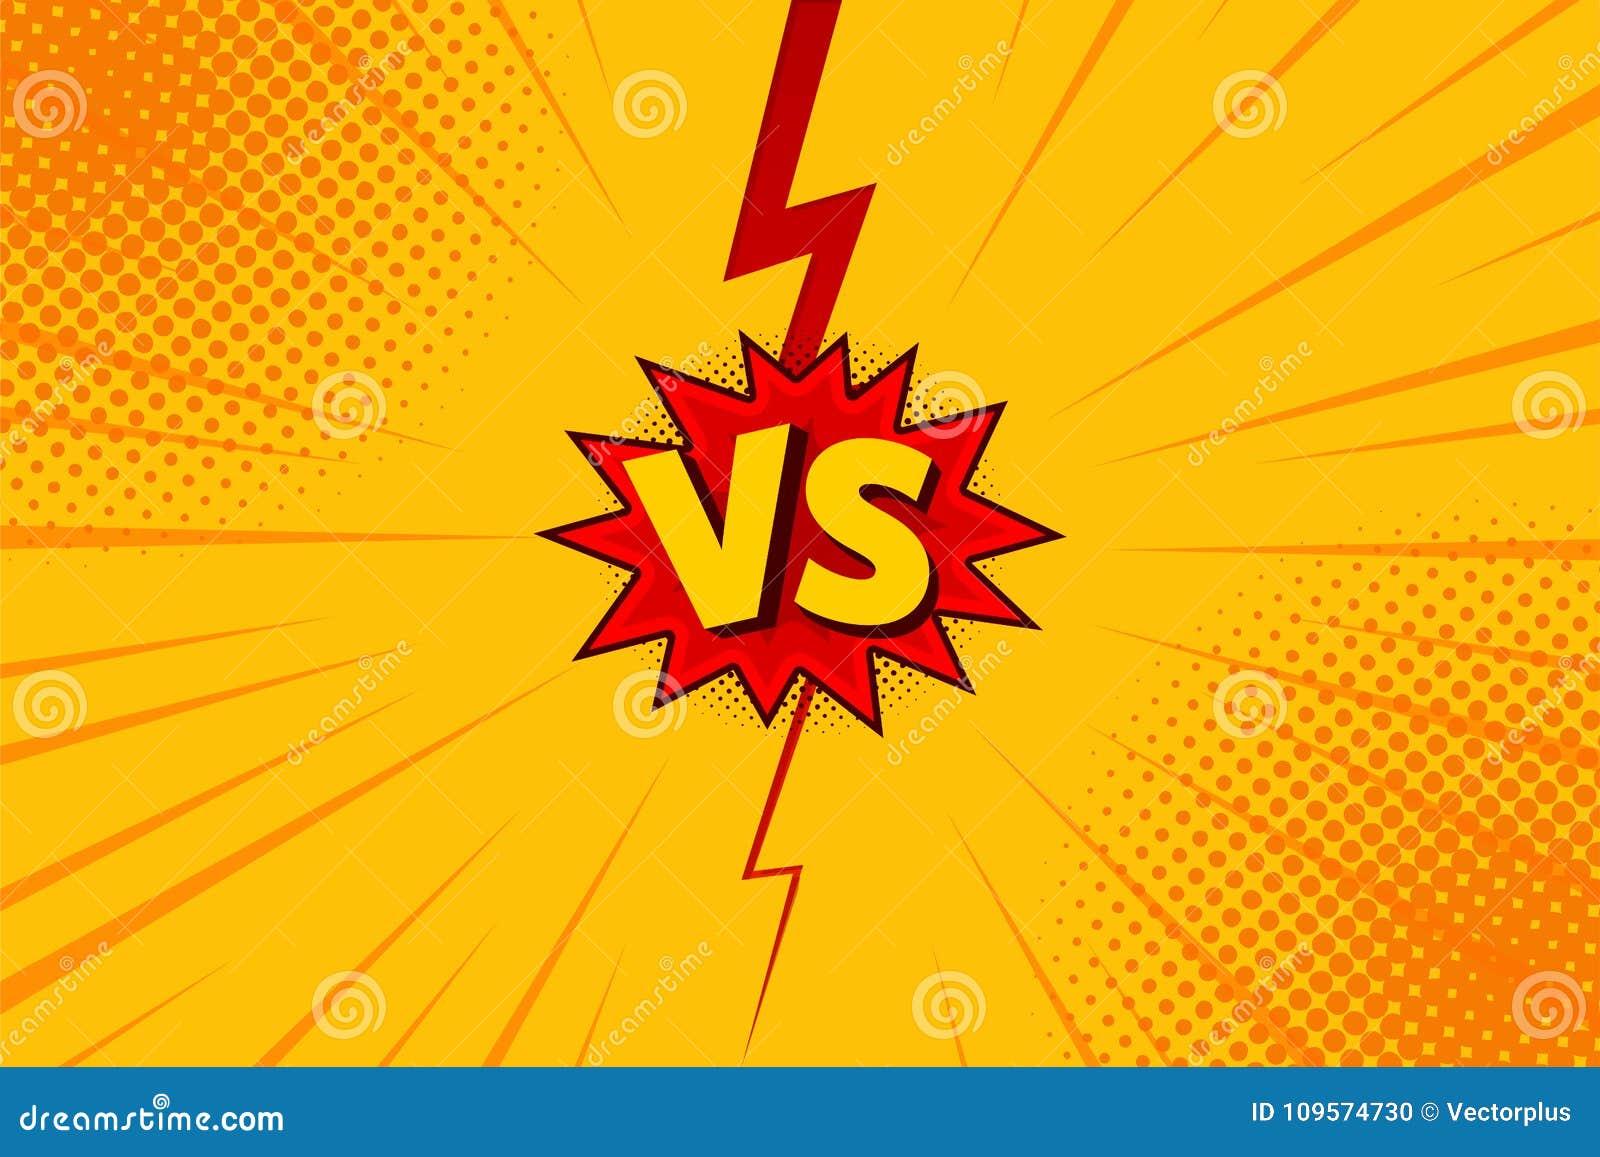 对对信件在平的漫画样式设计的战斗背景与中间影调,闪电 向量